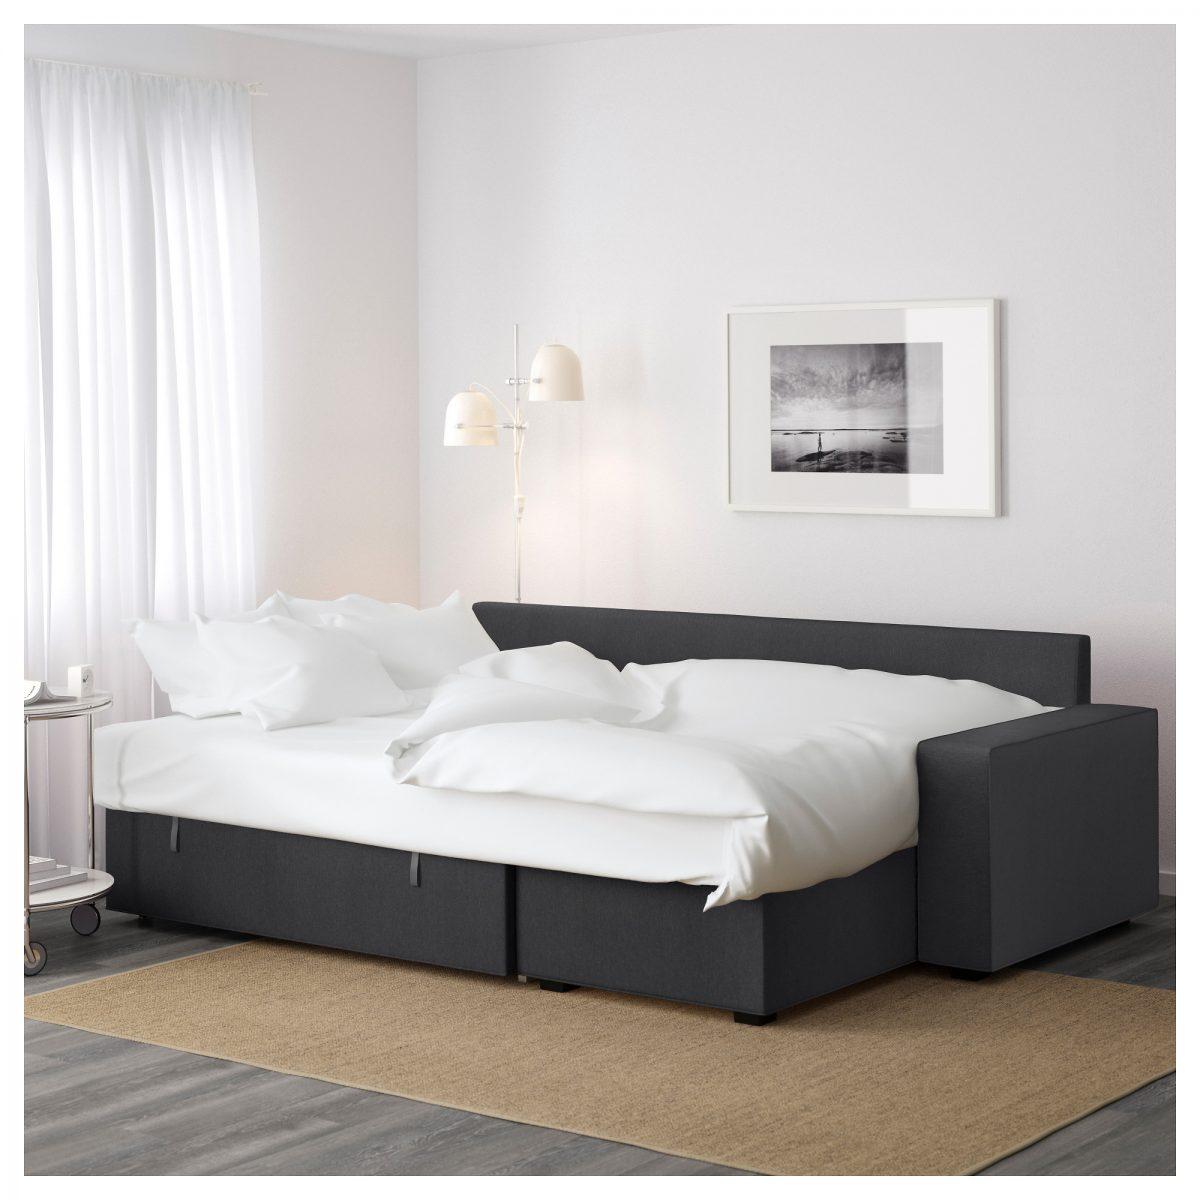 Ottimizzare spazio camera da letto - Divano letto aperto ...